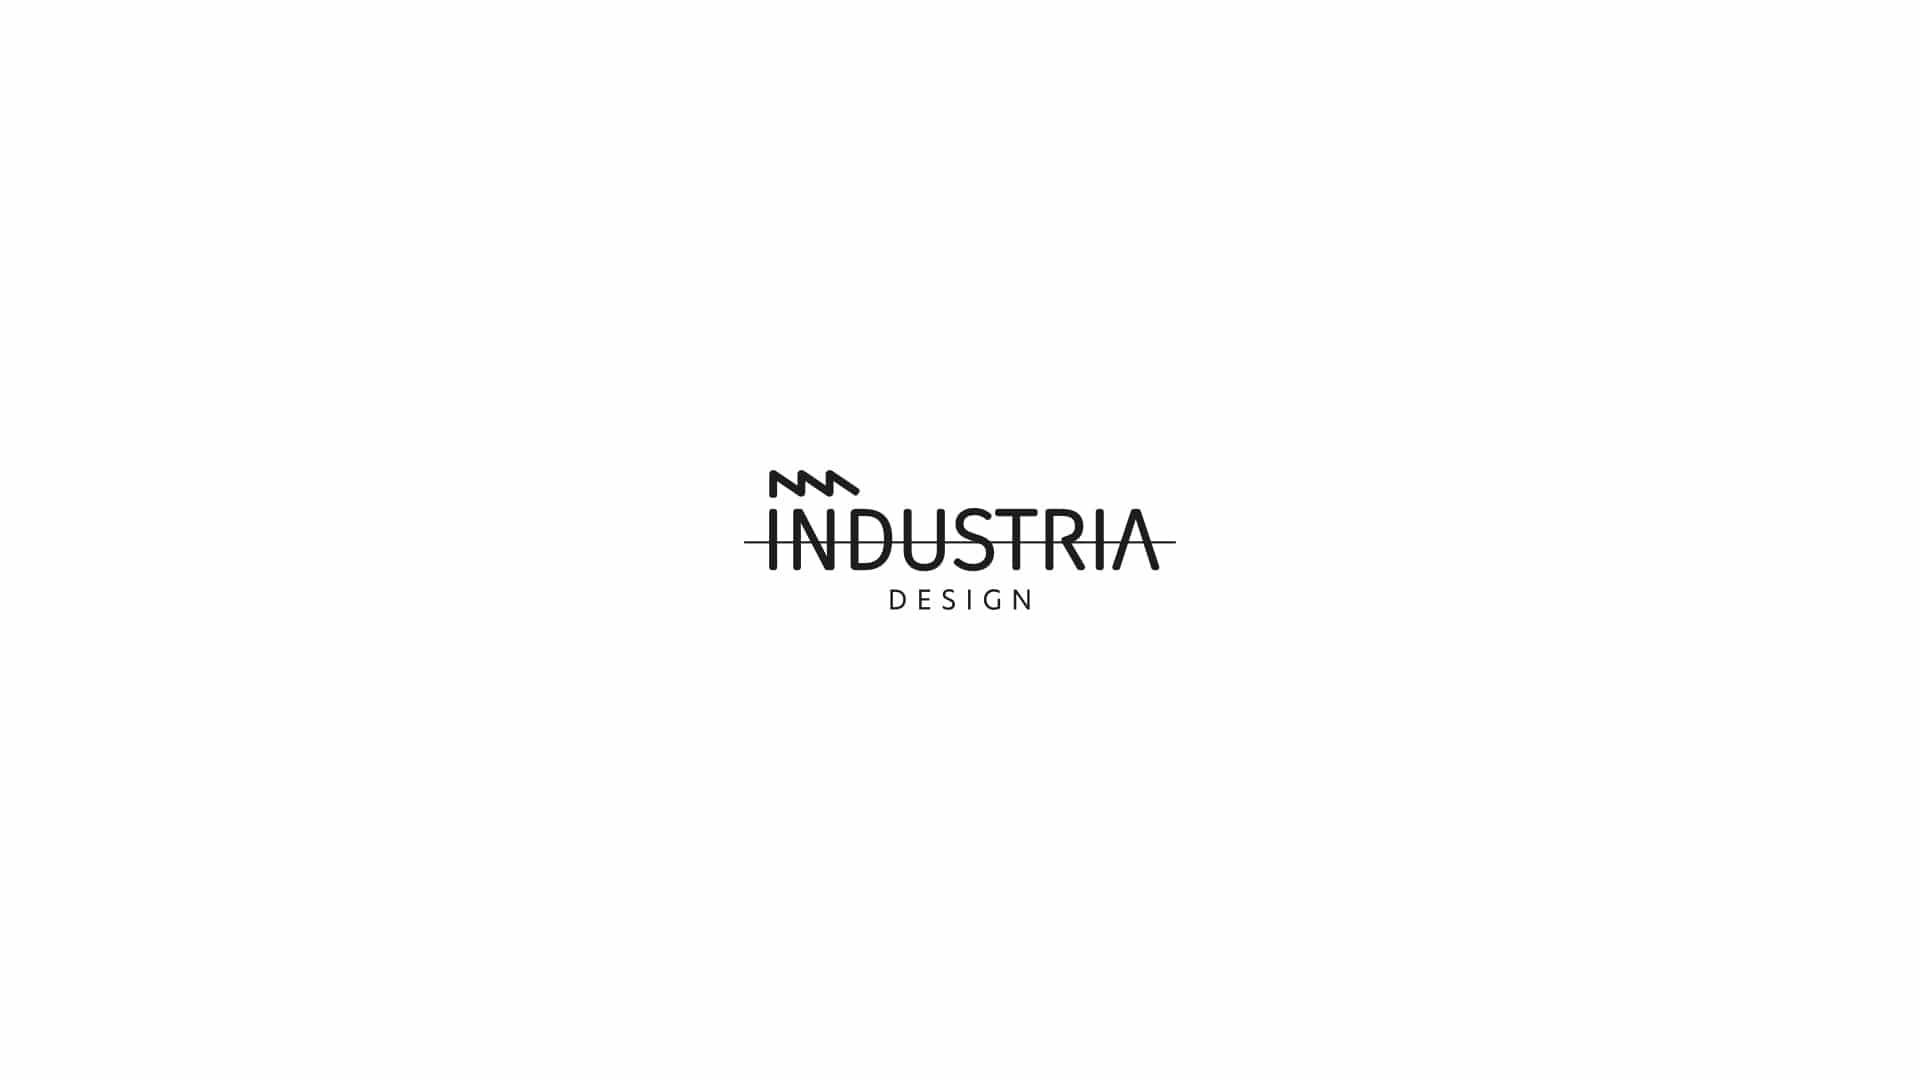 industria design logotipo 2021